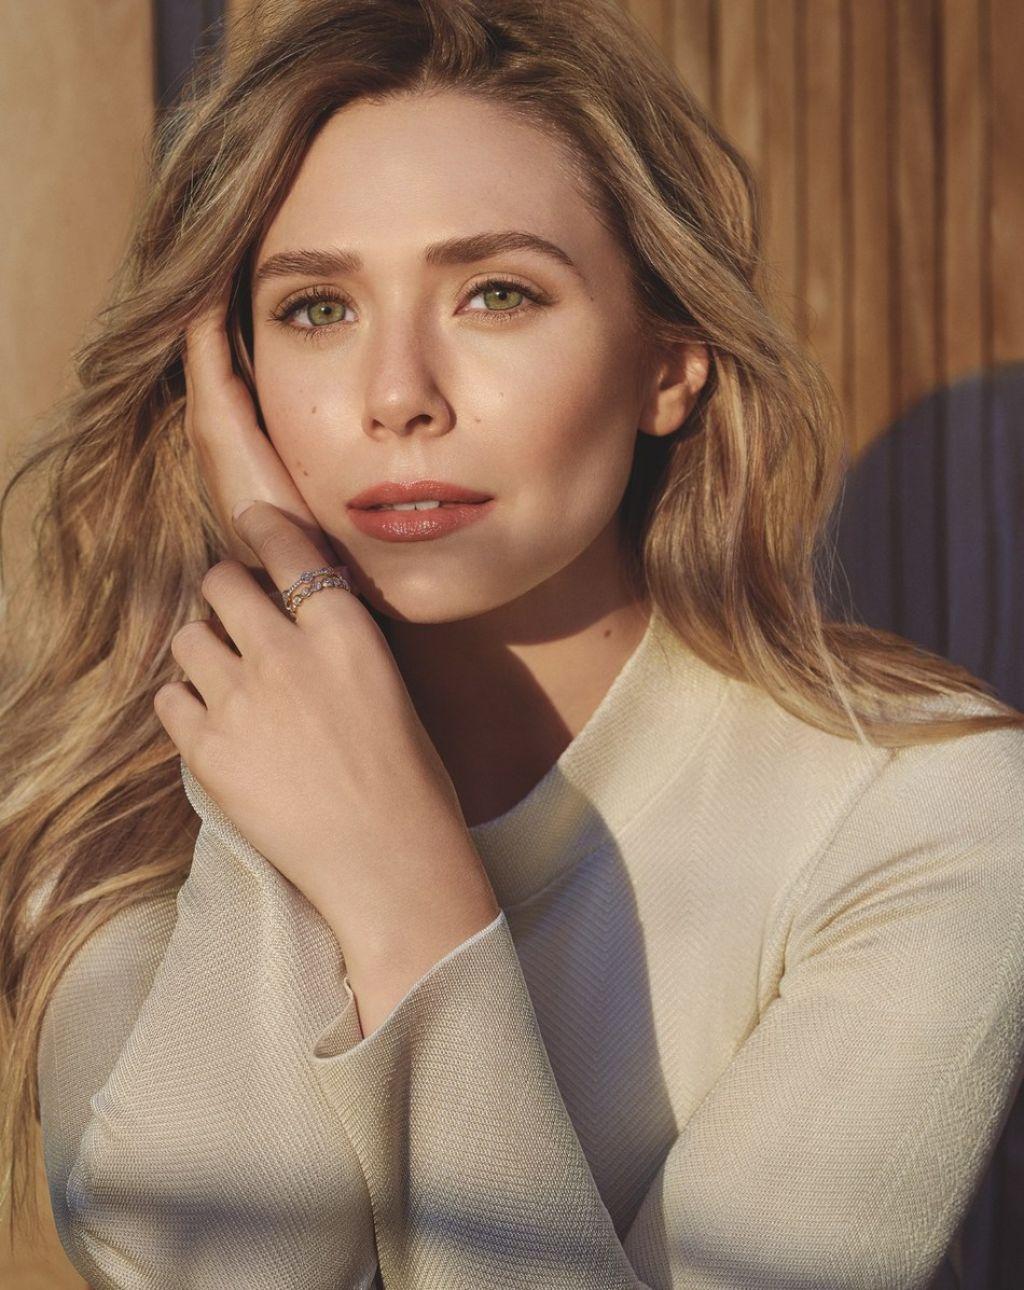 Olsen gallery elizabeth Elizabeth Olsen